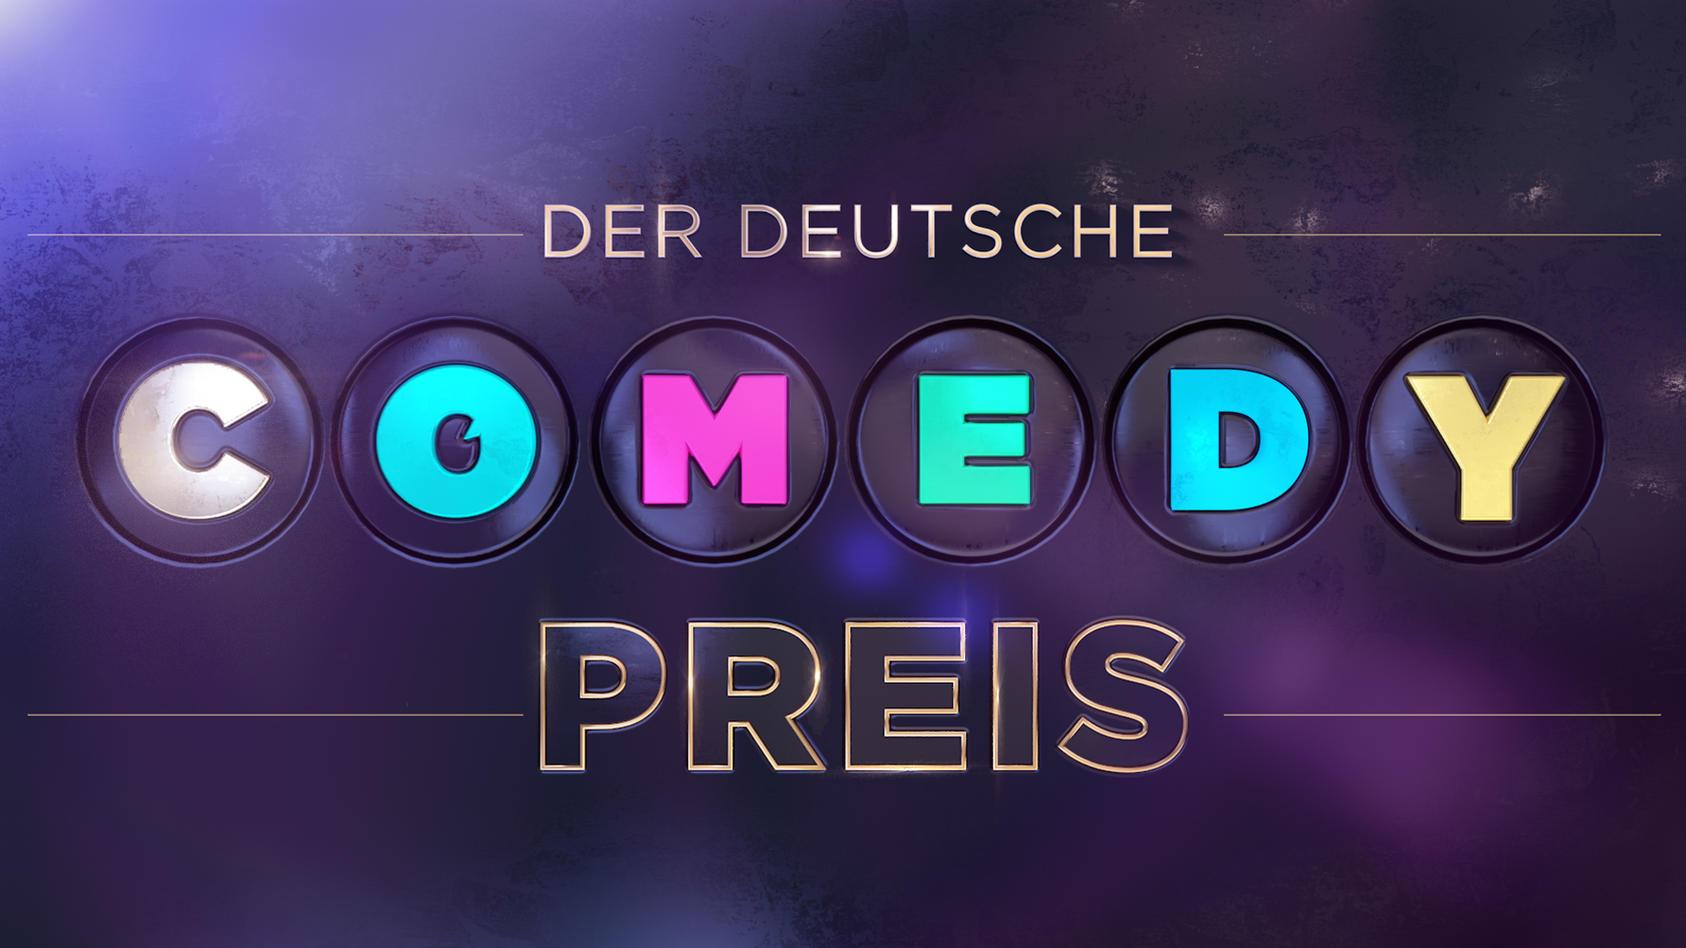 deutscher comedypreis 2019 stream